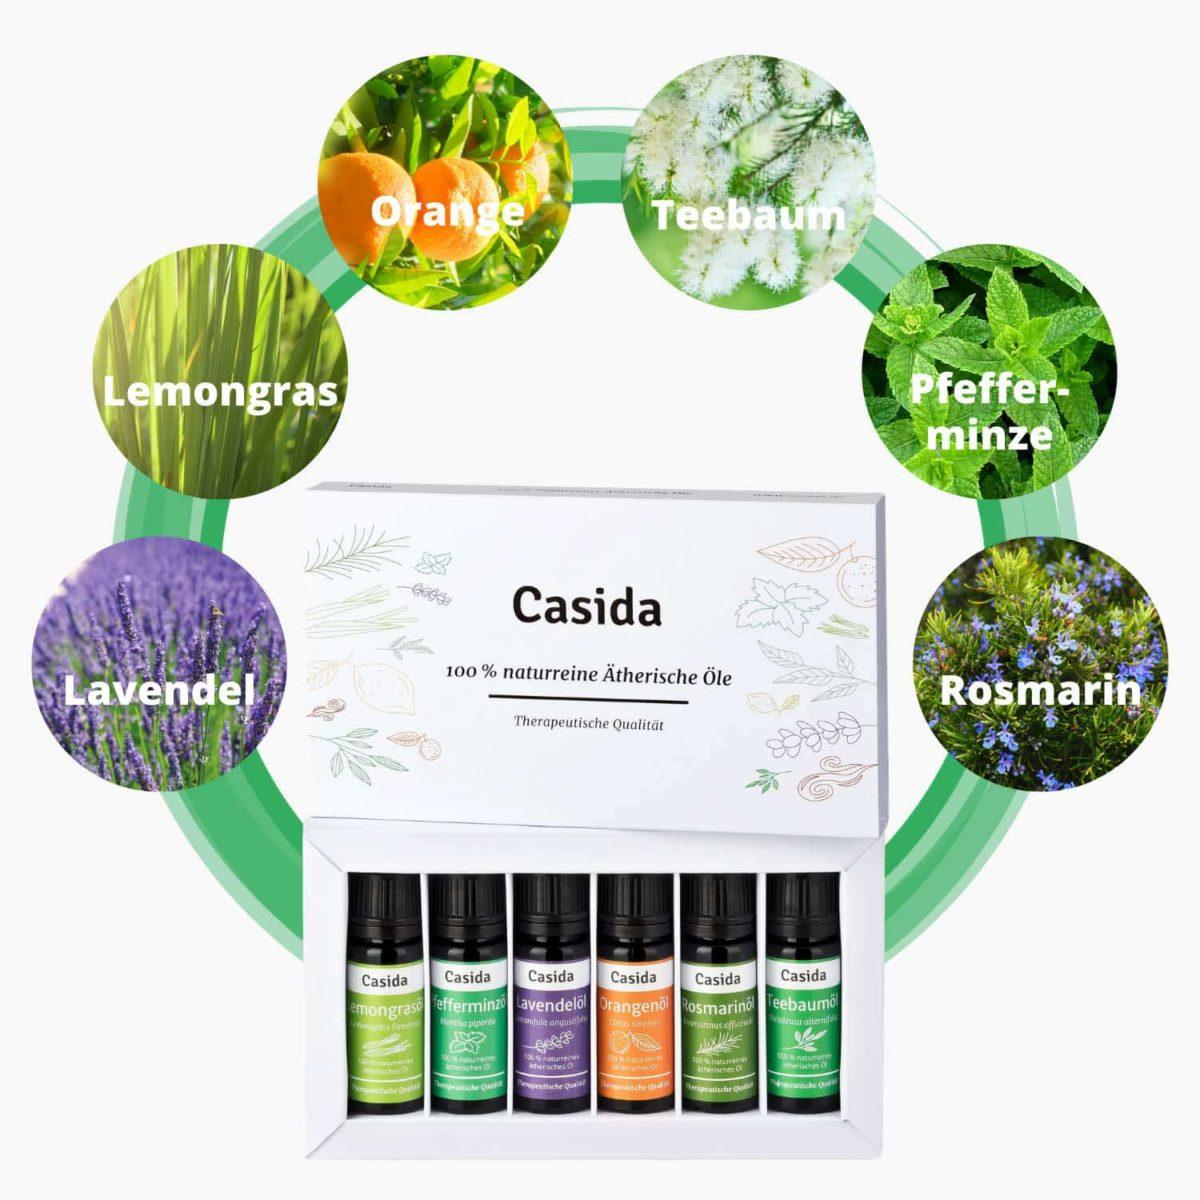 Casida Set Aroma Diffuser weiß mit Top 6 Ätherische Öle Set Lavendel, Teebaum, Pfefferminze, Orange, Rosmarin, Lemongras Luftbefeuchter LED9